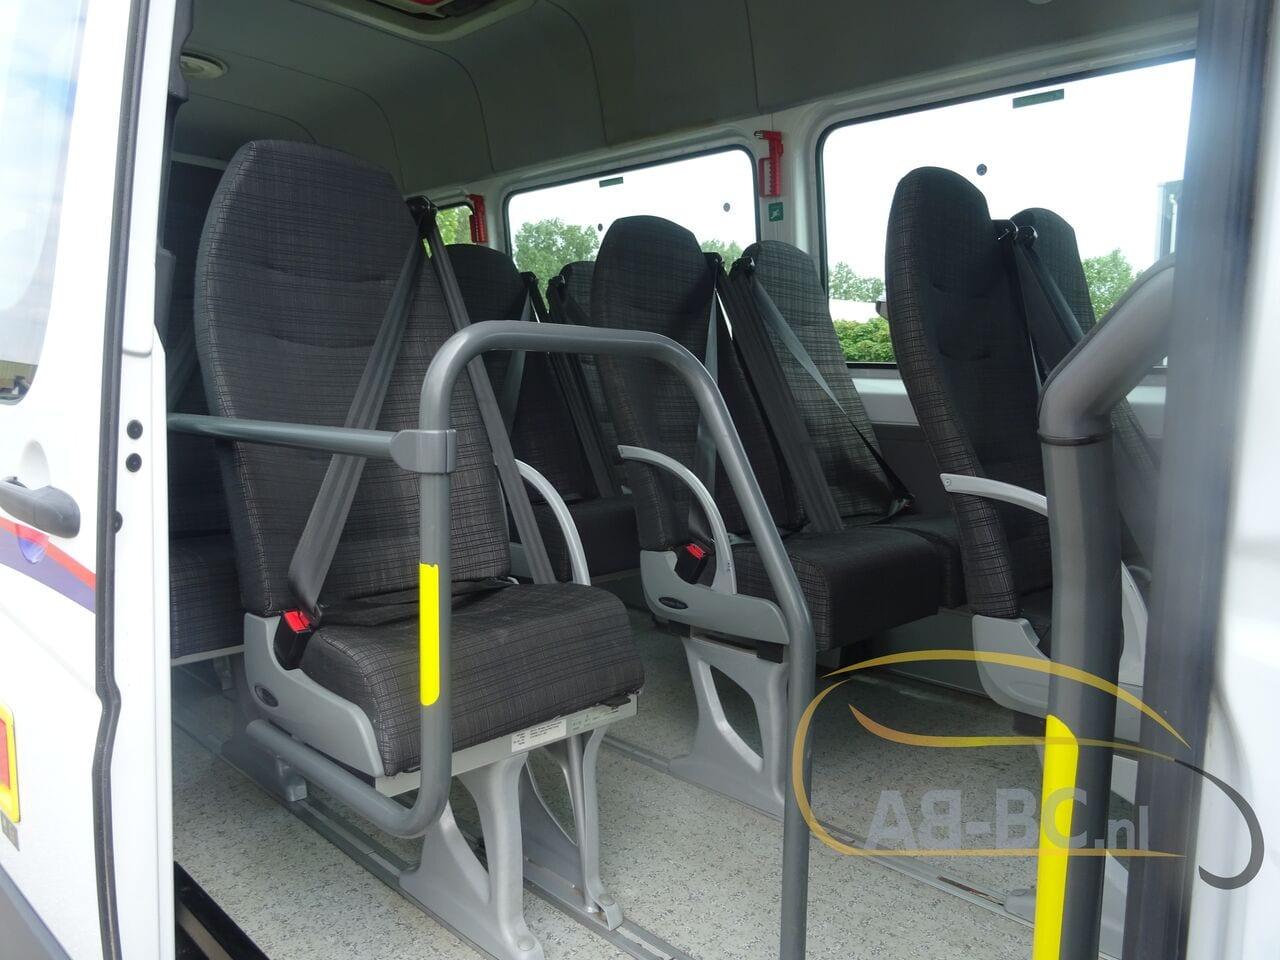 coach-busMERCEDES-BENZ-516-CDI-Sprinter-Transfer-45-23-Seats-EURO-6---1625235038908906370_big_3a23ac104bce9d2be7adeba8fc2eebdf--21060112394245379500